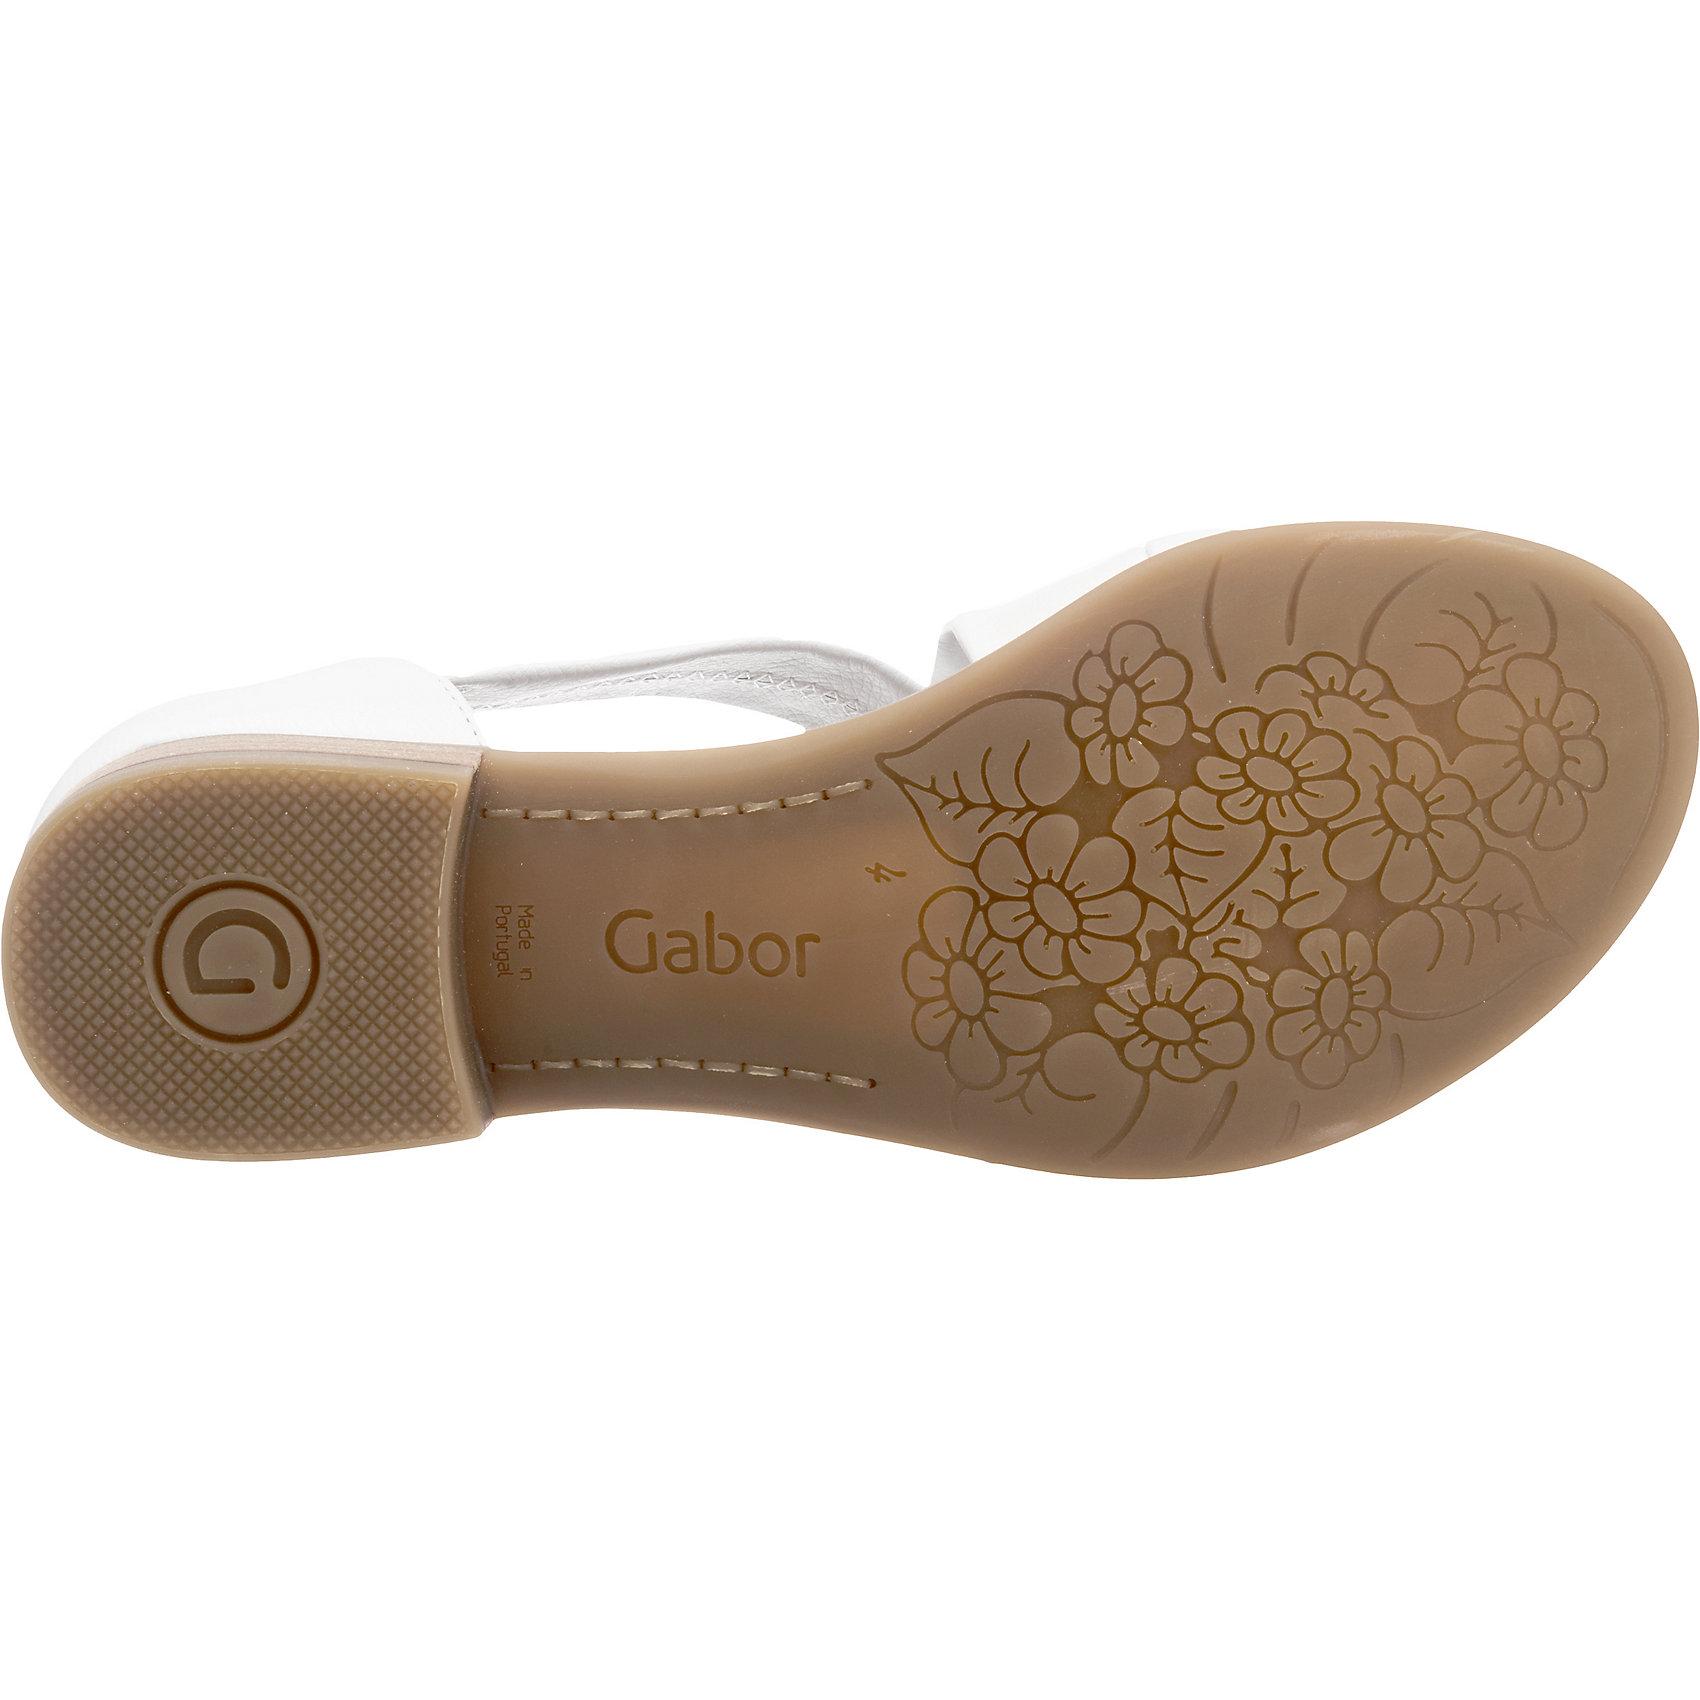 Neu weiß Gabor Sandaletten schwarz weiß Neu braun 5770412 f8b827